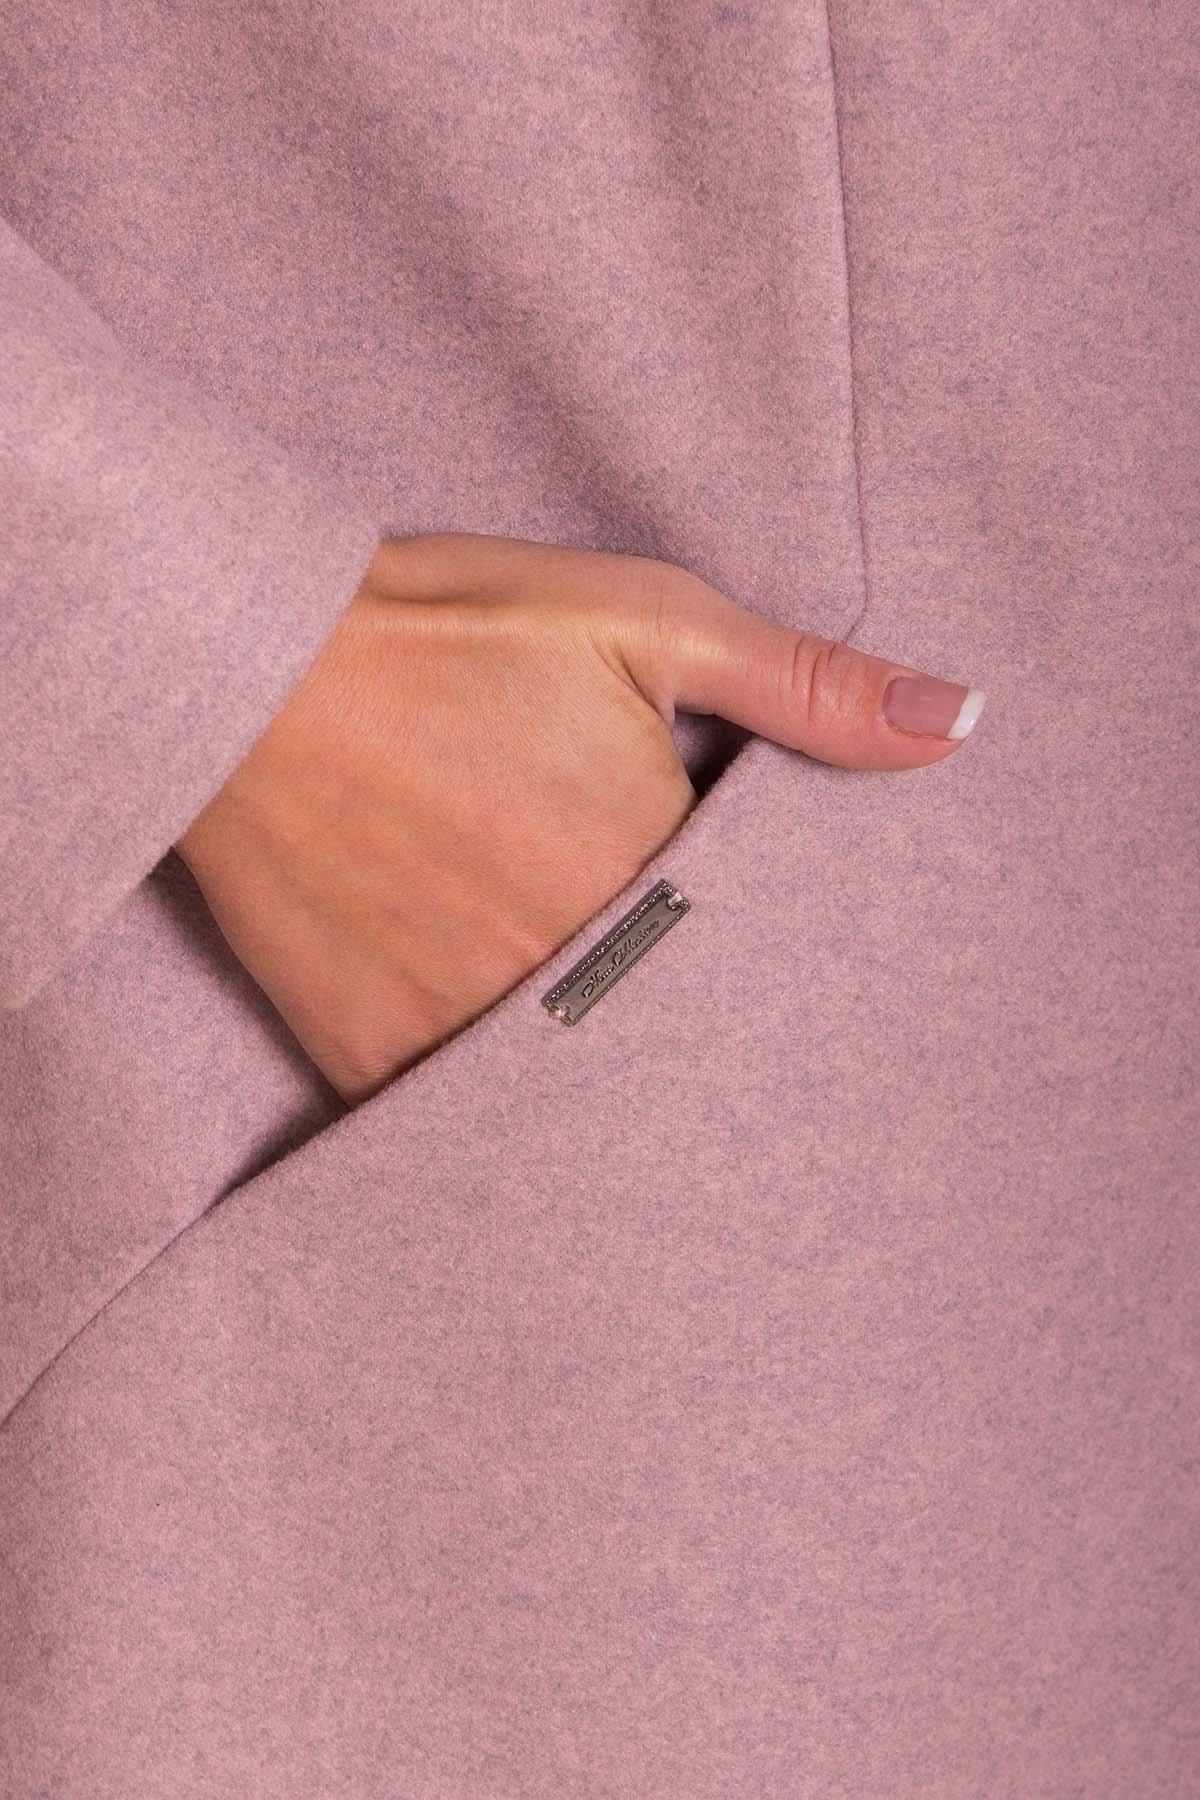 Пальто Сплит DONNA 4466 Цвет: Пудра 91